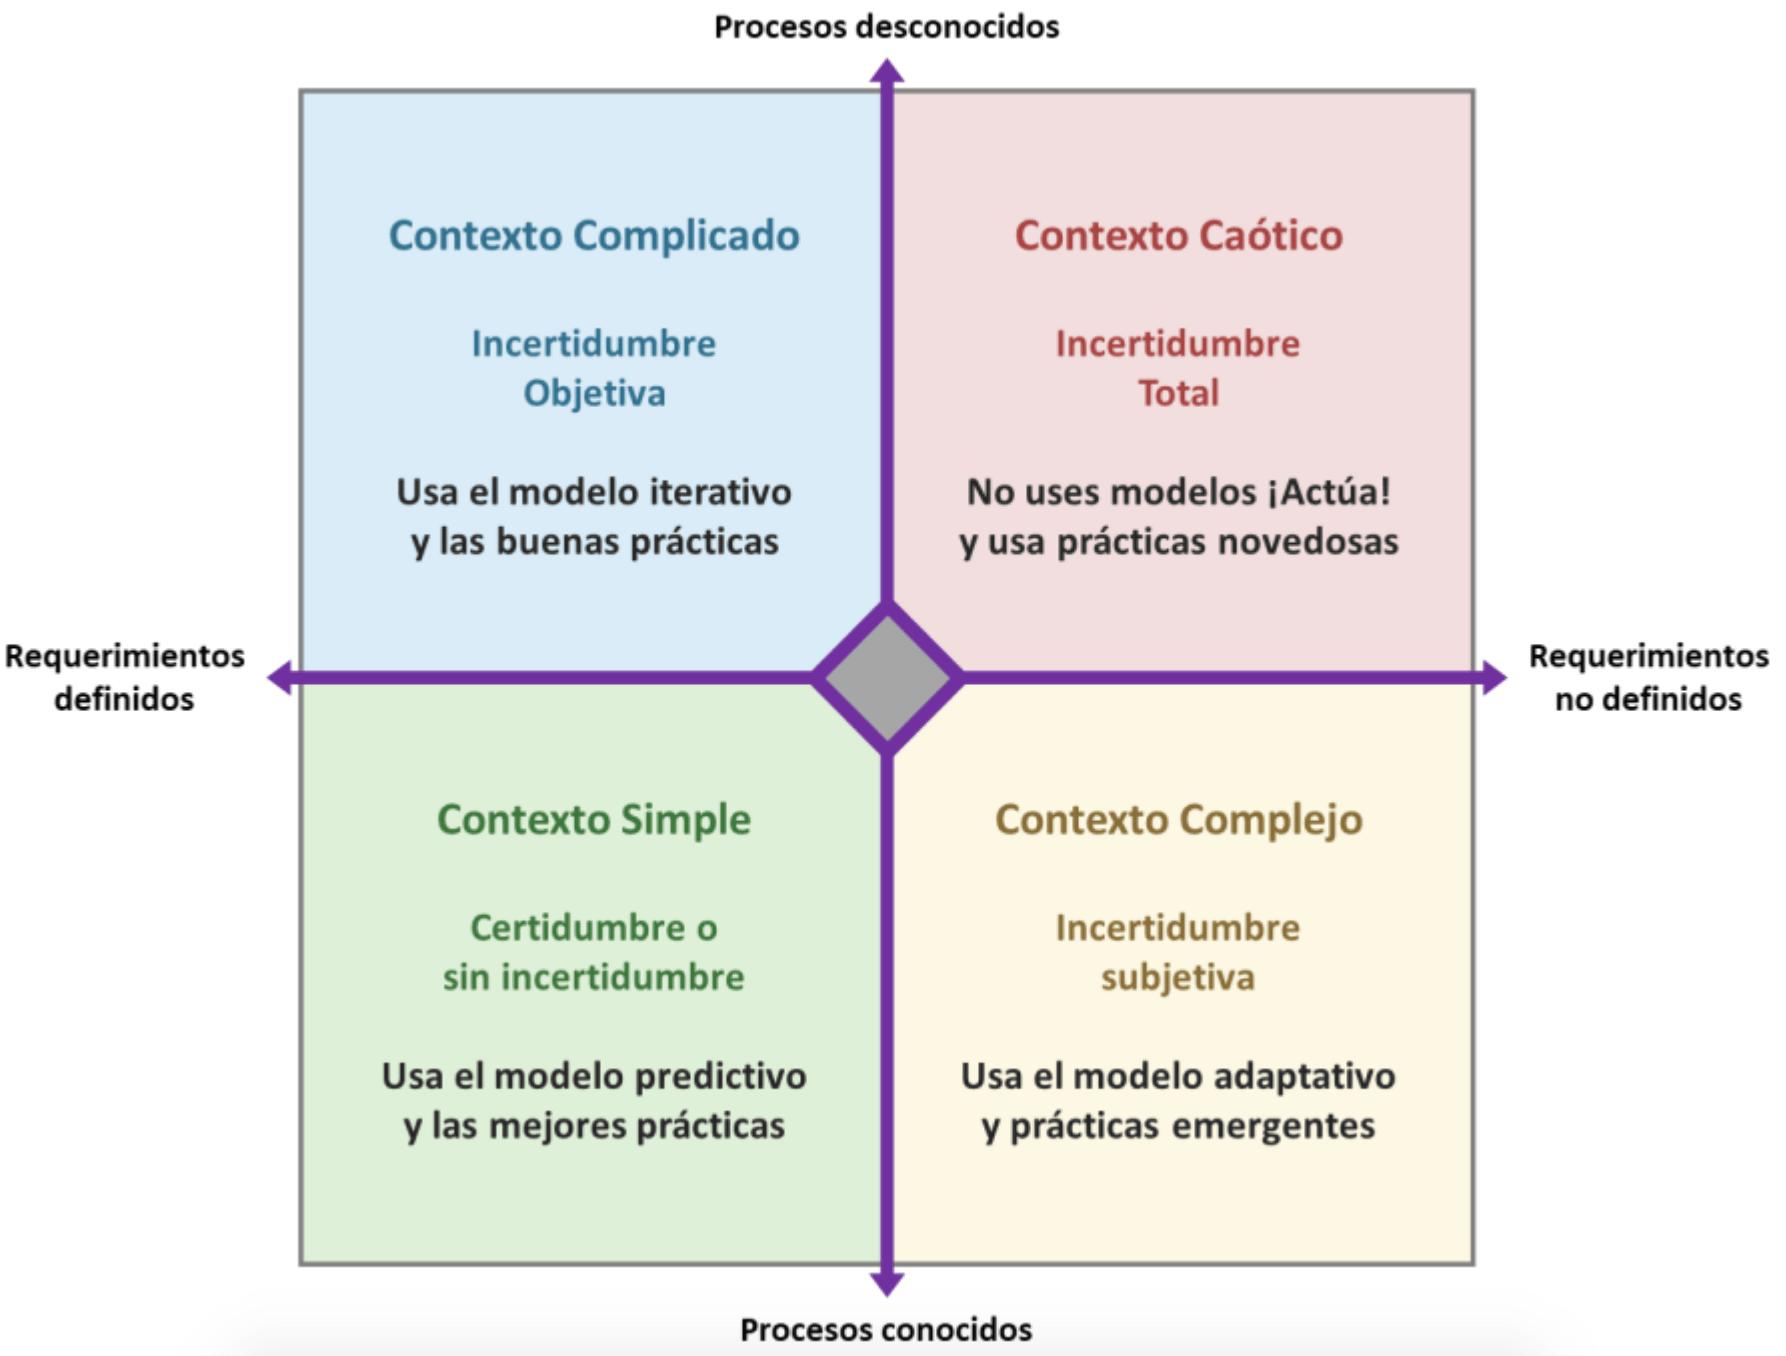 Matriz de Incertidumbre: La clave para elegir el Modelo de Gestión de Proyectos correcto